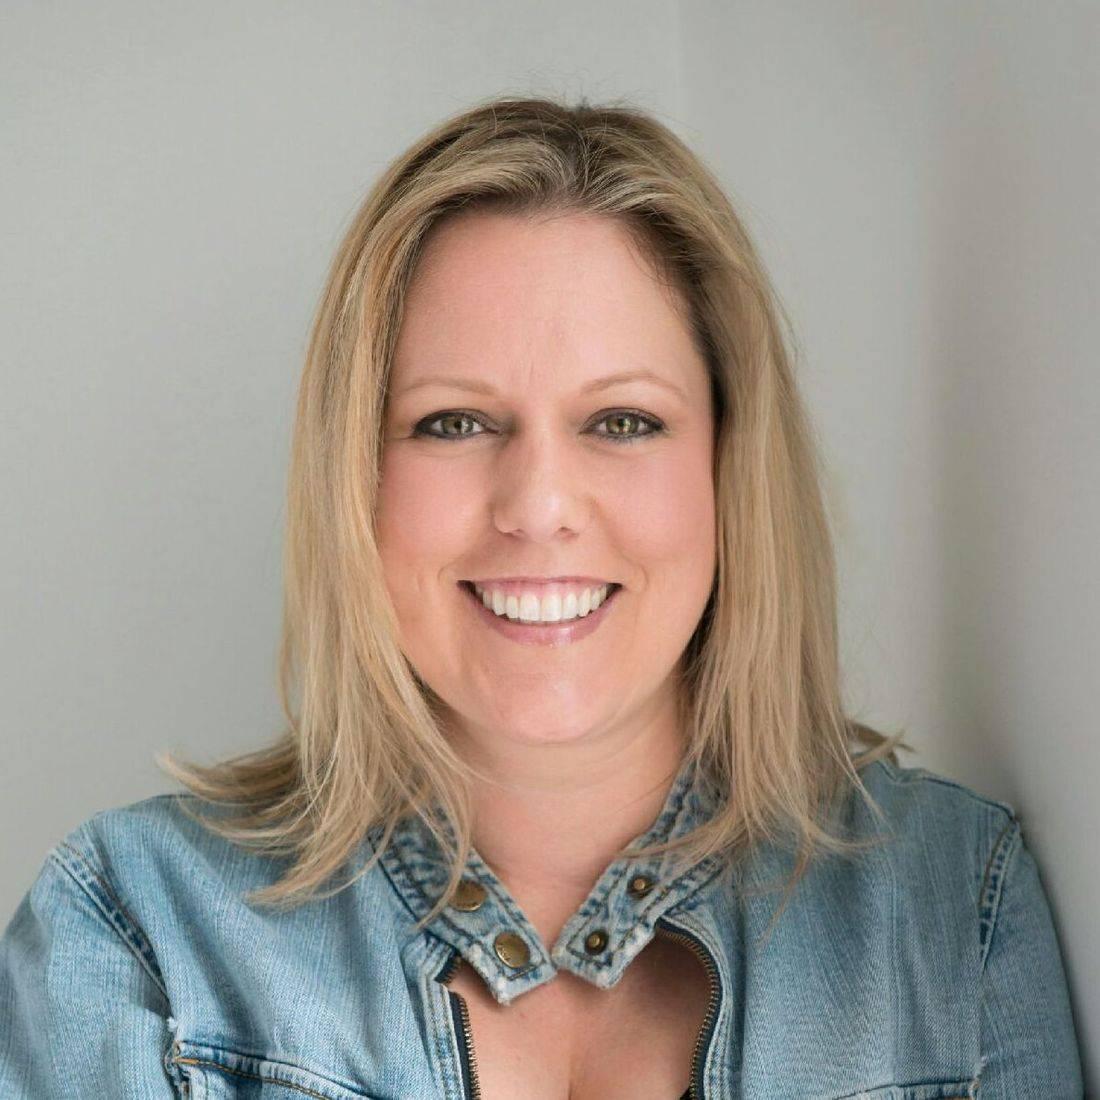 Gina Davis | Travel Agent Norfolk 23503